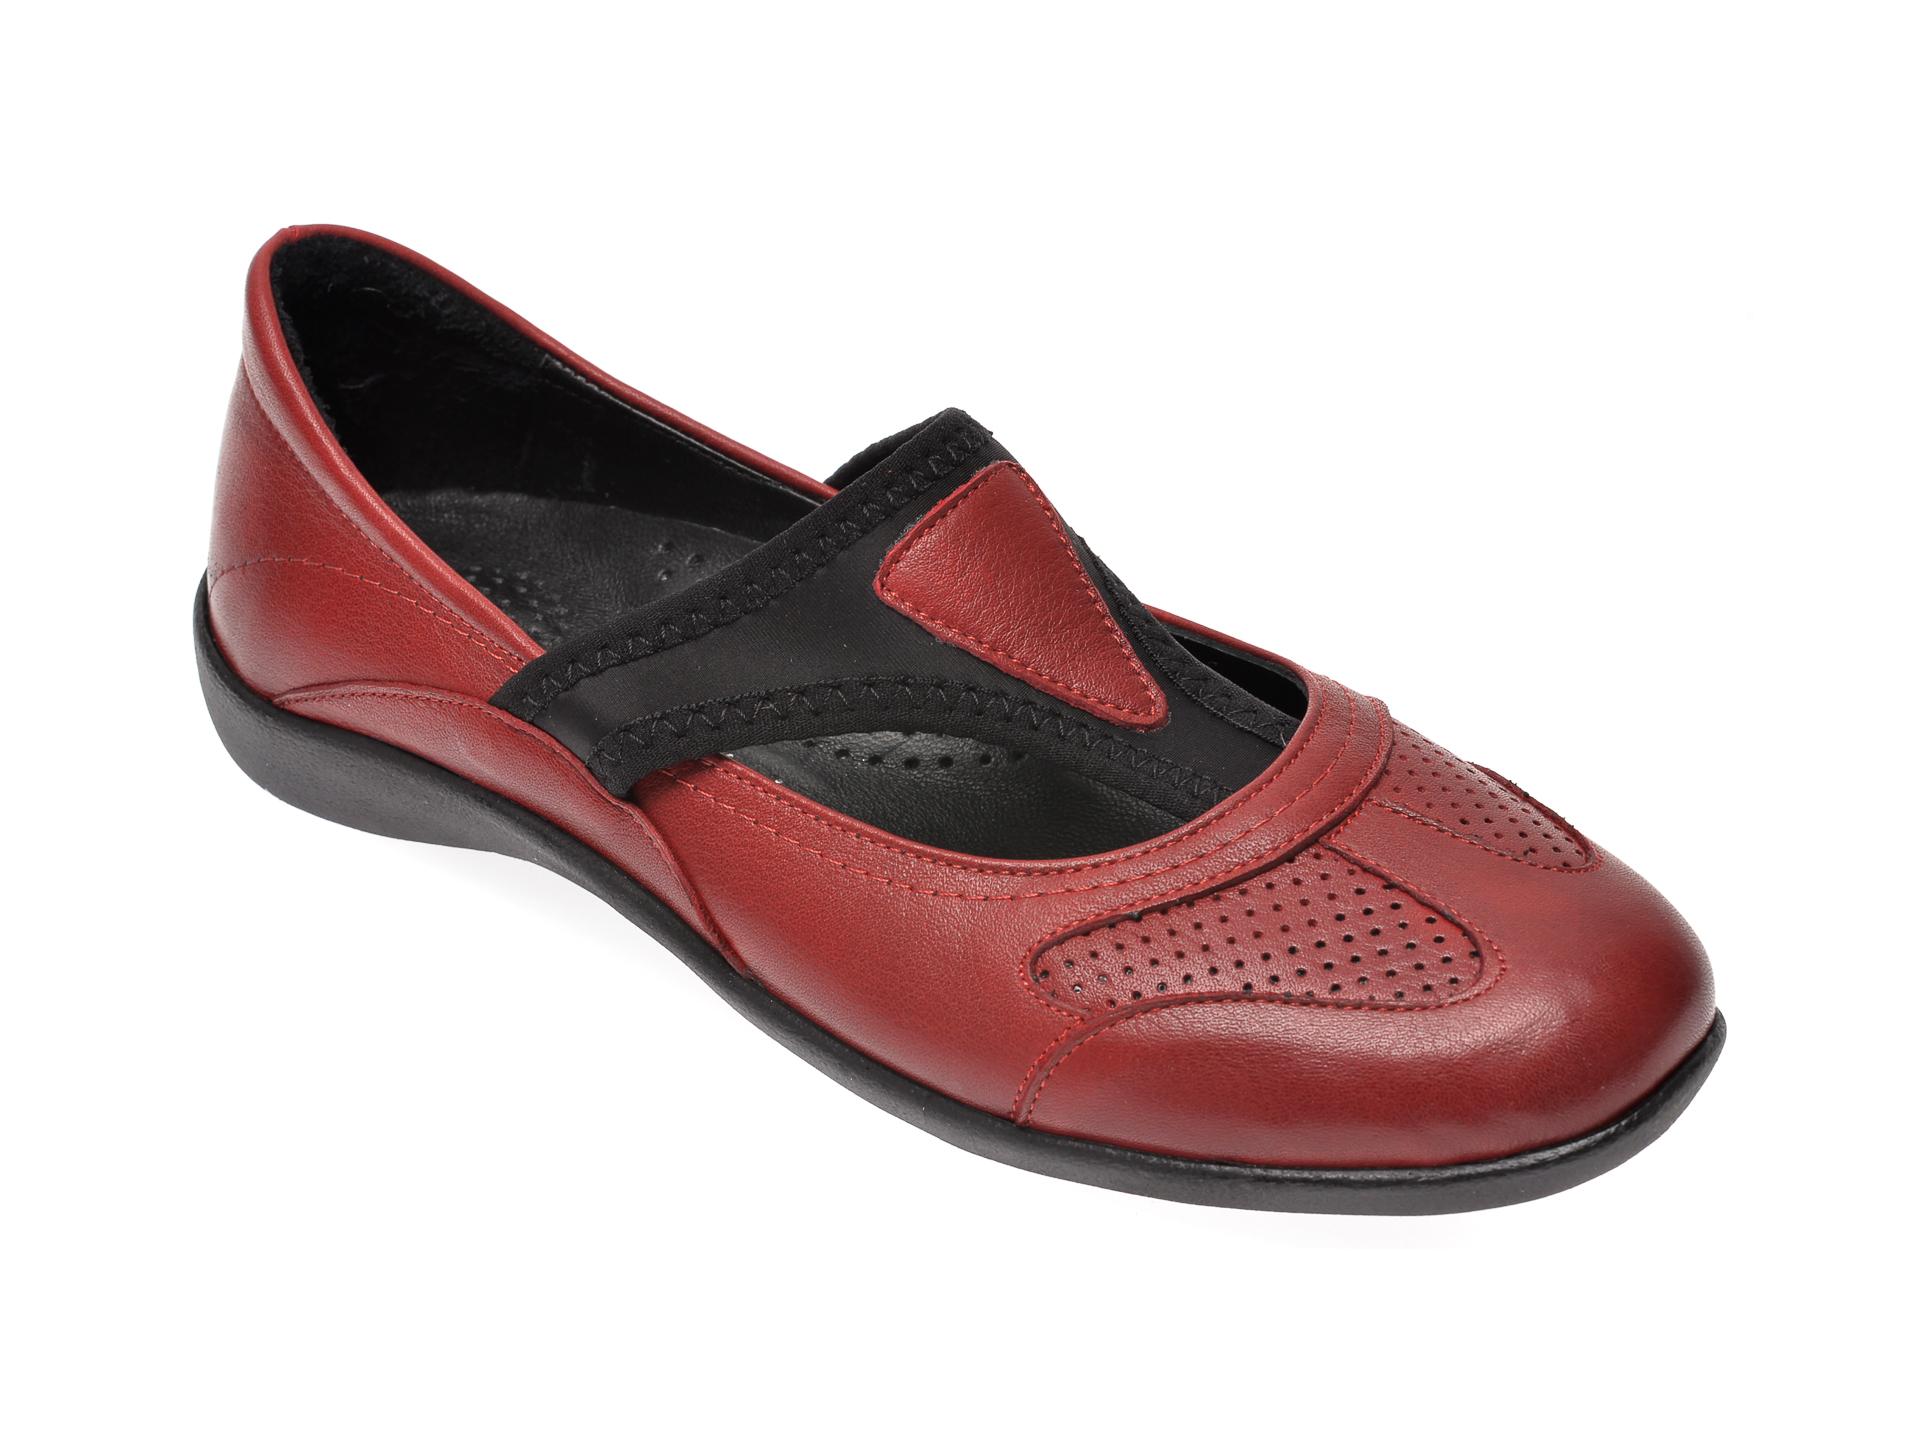 Pantofi FLAVIA PASSINI rosii, 205, din piele naturala